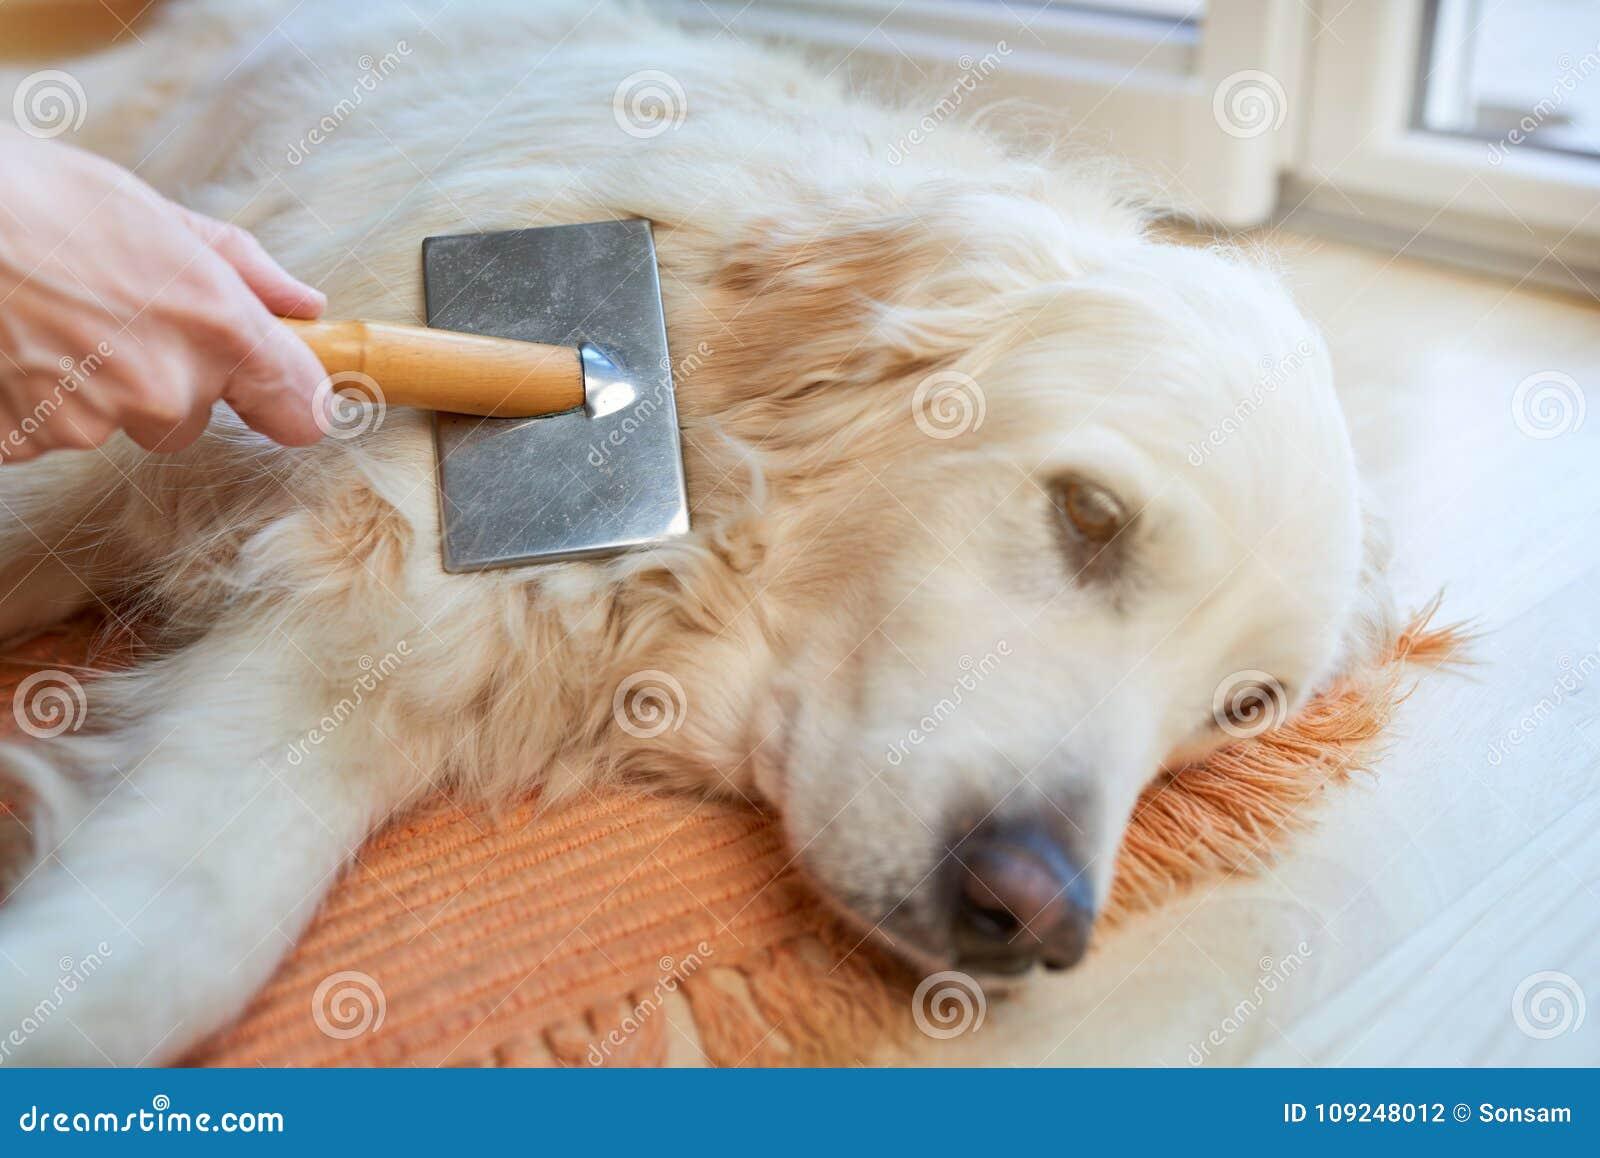 Frau kämmt alten golden retriever-Hund mit einem Metallpflegenkamm